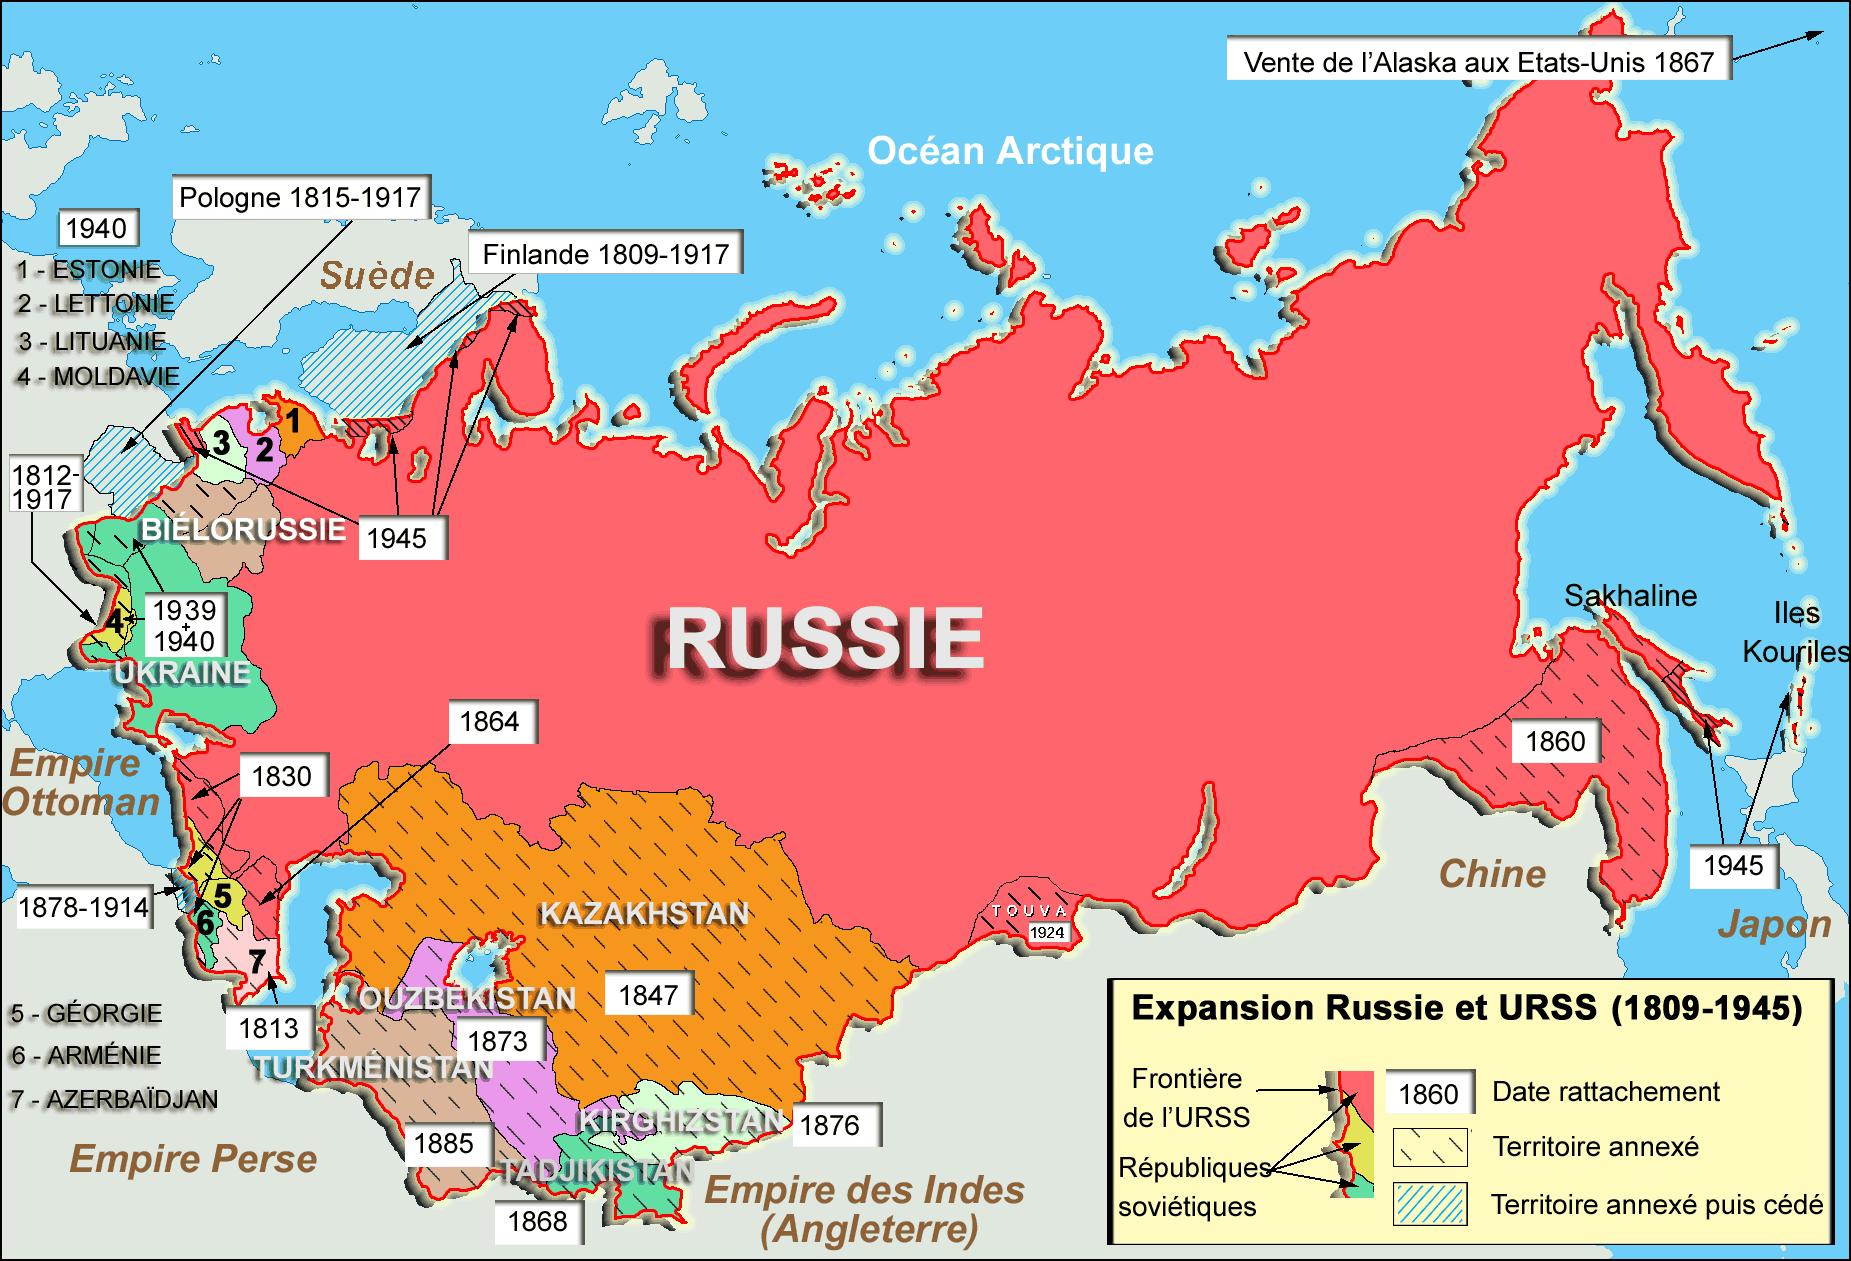 Carte de l'expansion de la Russie et de l'URSS de 1812 à 1945.